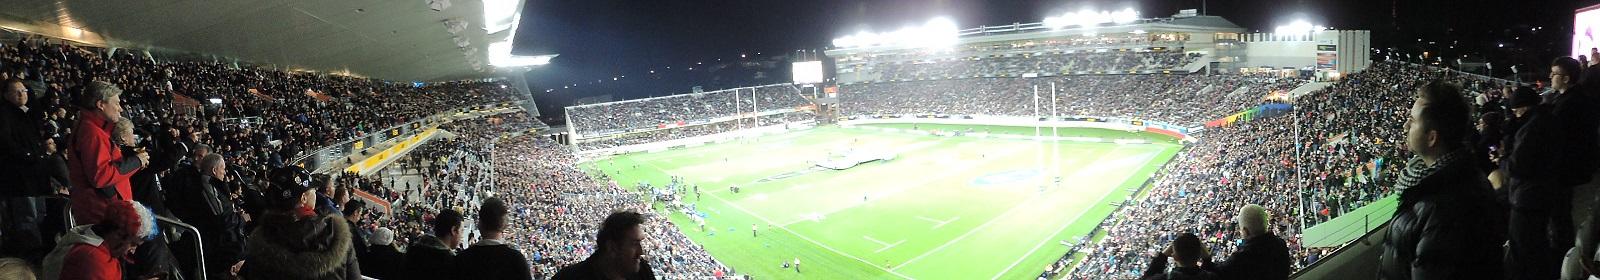 Neuseeland, Reise, Zusammenfassungen: RugbyTitanen und Taupos heisse ...